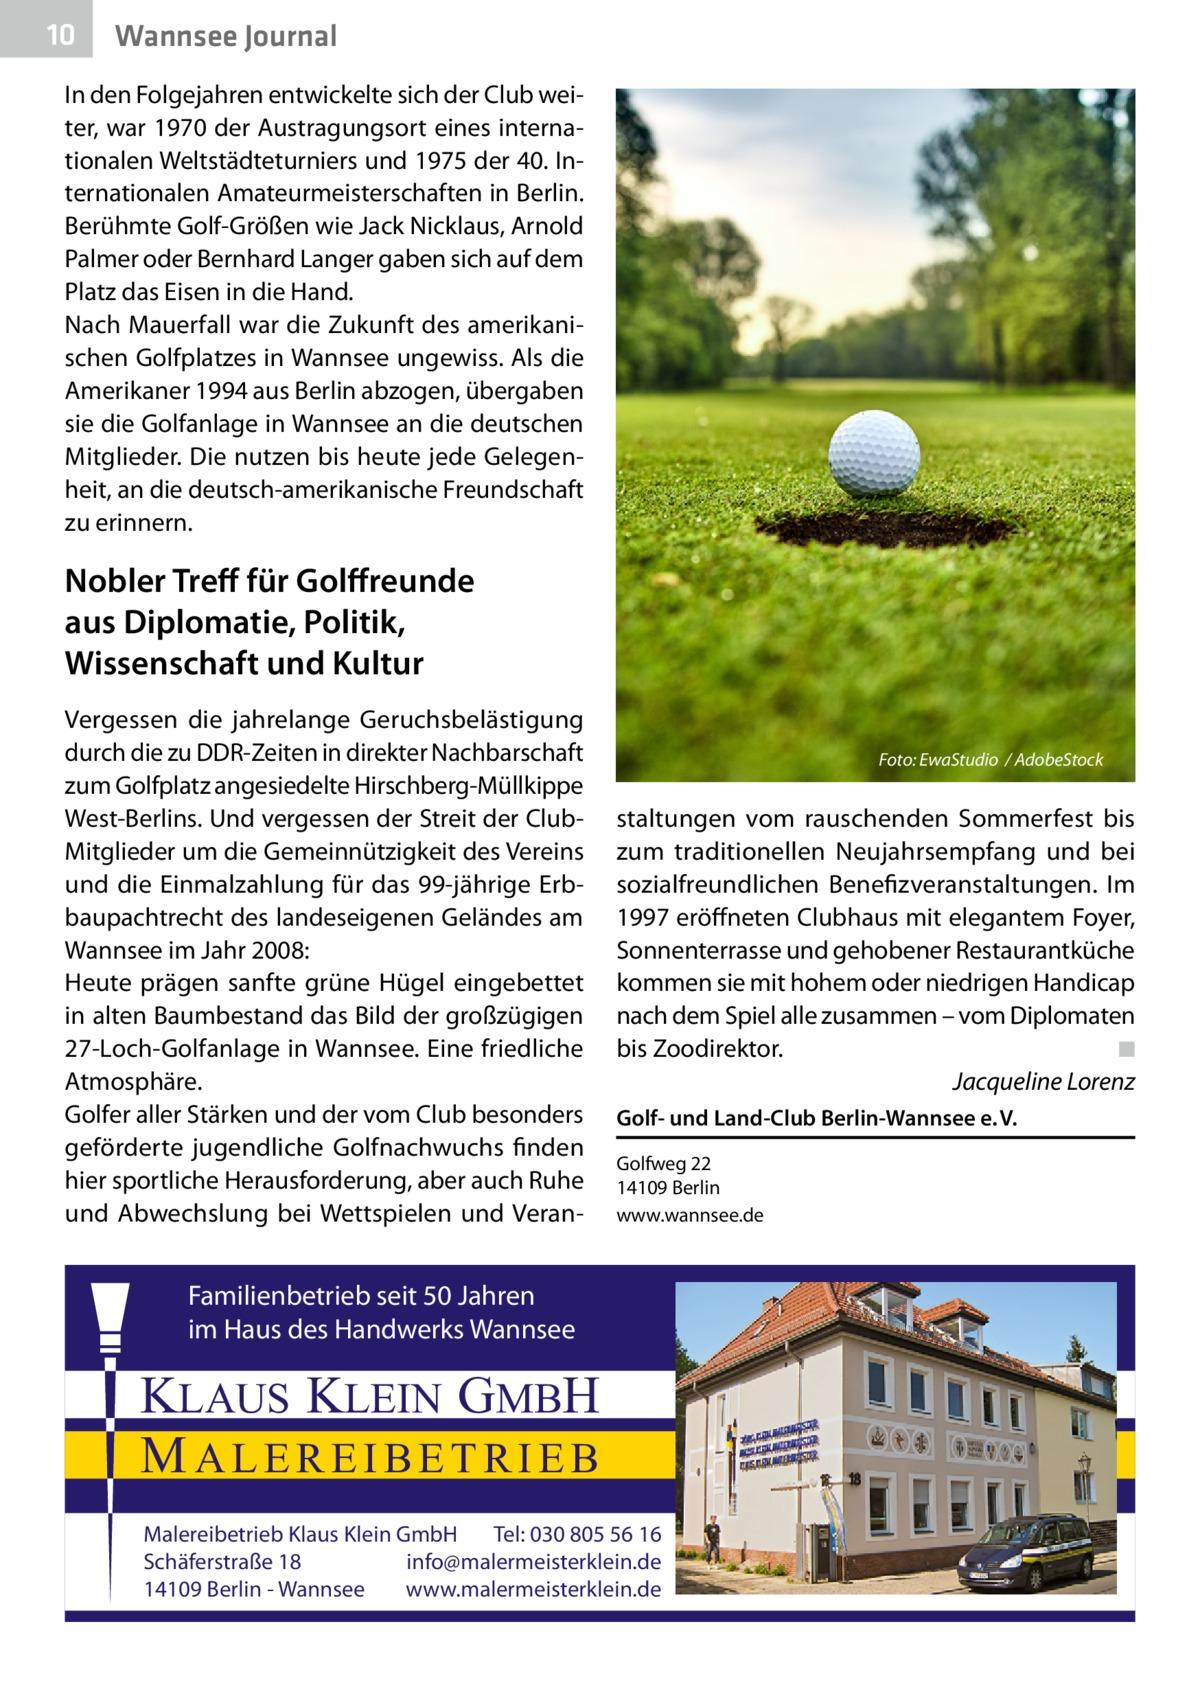 10  Wannsee Journal  In den Folgejahren entwickelte sich der Club weiter, war 1970 der Austragungsort eines internationalen Weltstädteturniers und 1975 der 40.Internationalen Amateurmeisterschaften in Berlin. Berühmte Golf-Größen wie Jack Nicklaus, Arnold Palmer oder Bernhard Langer gaben sich auf dem Platz das Eisen in die Hand. Nach Mauerfall war die Zukunft des amerikanischen Golfplatzes in Wannsee ungewiss. Als die Amerikaner 1994 aus Berlin abzogen, übergaben sie die Golfanlage in Wannsee an die deutschen Mitglieder. Die nutzen bis heute jede Gelegenheit, an die deutsch-amerikanische Freundschaft zu erinnern.  Nobler Treff für Golffreunde aus Diplomatie, Politik, Wissenschaft und Kultur Vergessen die jahrelange Geruchsbelästigung durch die zu DDR-Zeiten in direkter Nachbarschaft zum Golfplatz angesiedelte Hirschberg-Müllkippe West-Berlins. Und vergessen der Streit der ClubMitglieder um die Gemeinnützigkeit des Vereins und die Einmalzahlung für das 99-jährige Erbbaupachtrecht des landeseigenen Geländes am Wannsee im Jahr 2008: Heute prägen sanfte grüne Hügel eingebettet in alten Baumbestand das Bild der großzügigen 27-Loch-Golfanlage in Wannsee. Eine friedliche Atmosphäre. Golfer aller Stärken und der vom Club besonders geförderte jugendliche Golfnachwuchs finden hier sportliche Herausforderung, aber auch Ruhe und Abwechslung bei Wettspielen und Veran Foto: EwaStudio / AdobeStock  staltungen vom rauschenden Sommerfest bis zum traditionellen Neujahrsempfang und bei sozialfreundlichen Benefizveranstaltungen. Im 1997 eröffneten Clubhaus mit elegantem Foyer, Sonnenterrasse und gehobener Restaurantküche kommen sie mit hohem oder niedrigen Handicap nach dem Spiel alle zusammen – vom Diplomaten bis Zoodirektor.� ◾ � Jacqueline Lorenz Golf- und Land-Club Berlin-Wannsee e.V. Golfweg22 14109Berlin www.wannsee.de  Familienbetrieb seit 50 Jahren im Haus des Handwerks Wannsee  KLAUS KLEIN GMBH MALEREIBETRIEB Malereibetrieb Klaus Klein GmbH Tel: 030 805 56 16 Schäferstraße 18